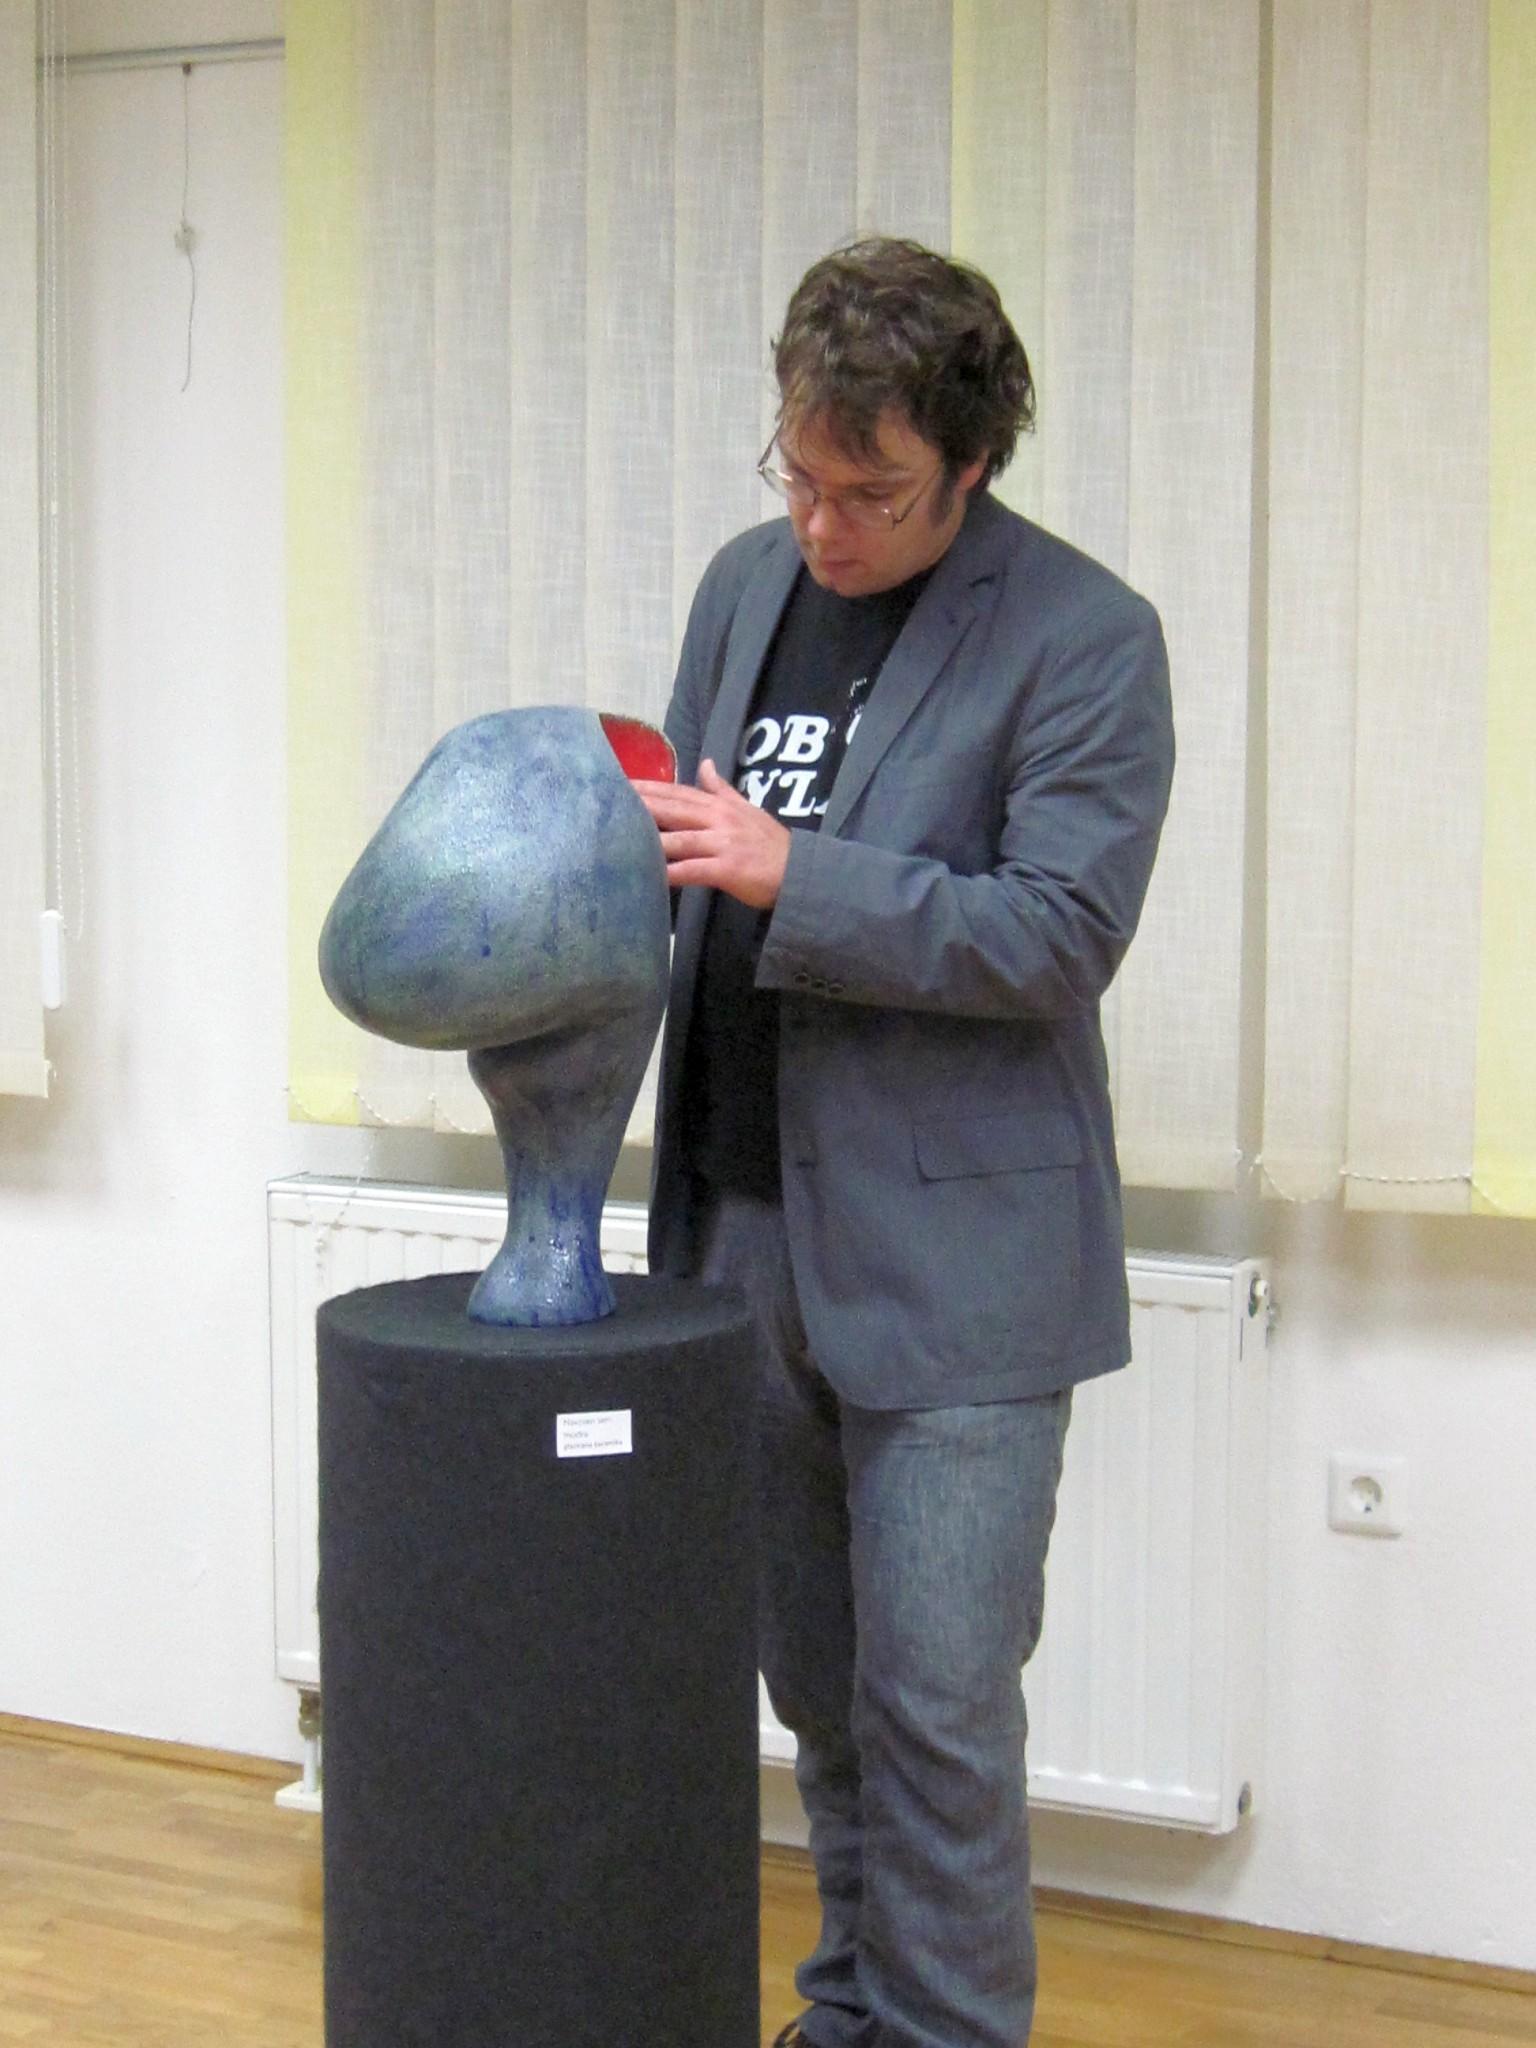 IMG 2250 - Anja Lautar - kiparska razstava